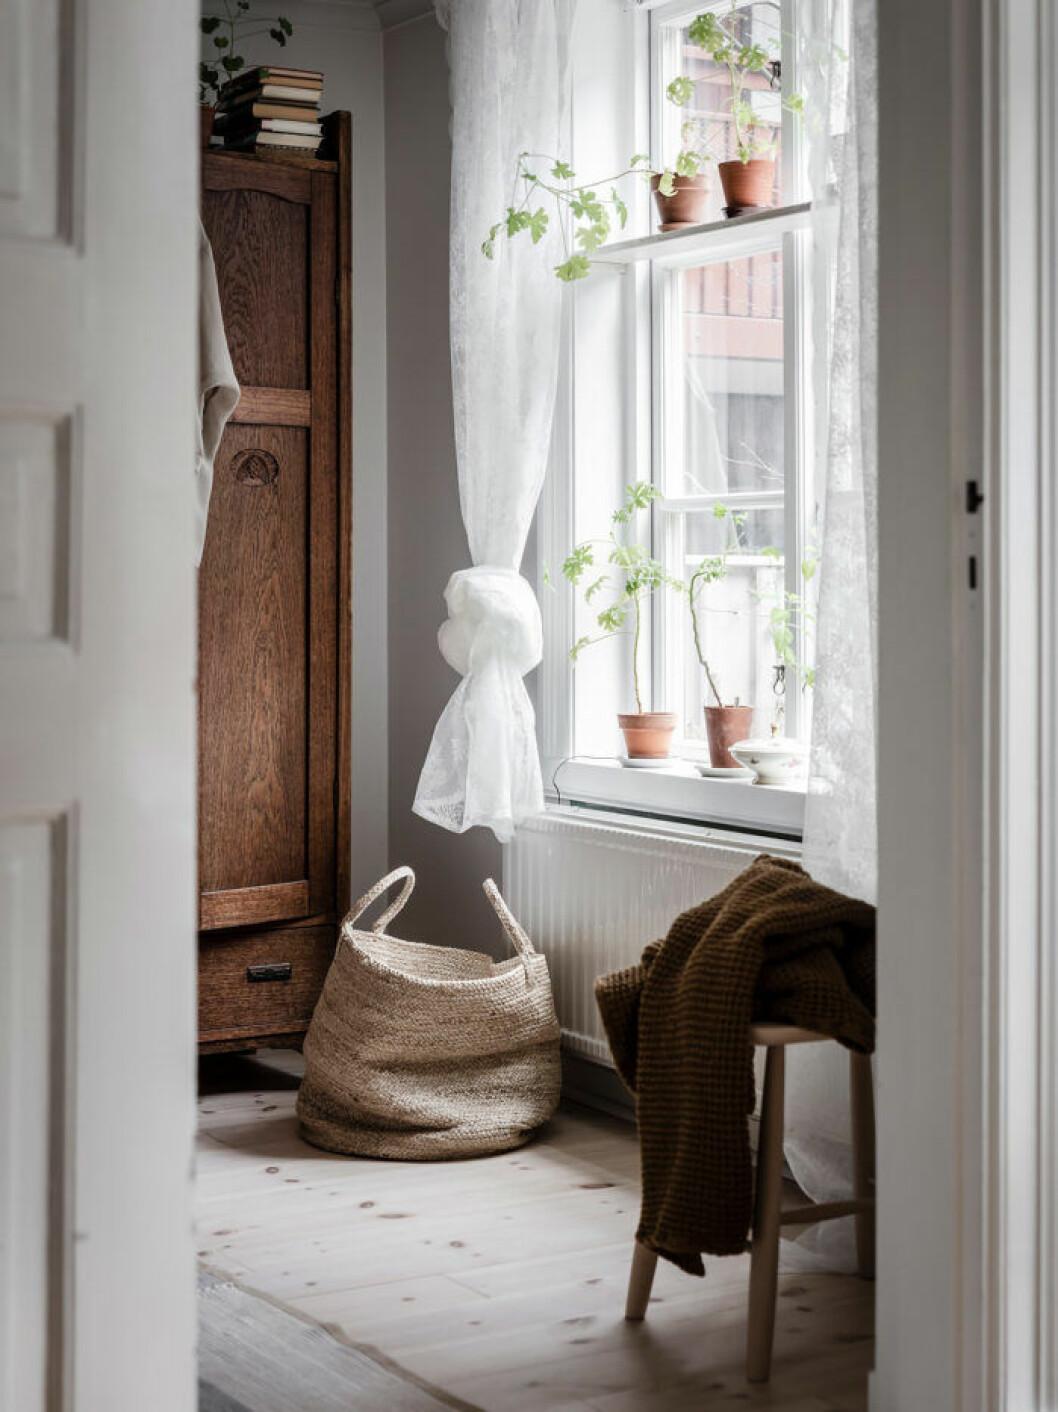 Växthylla i fönstret